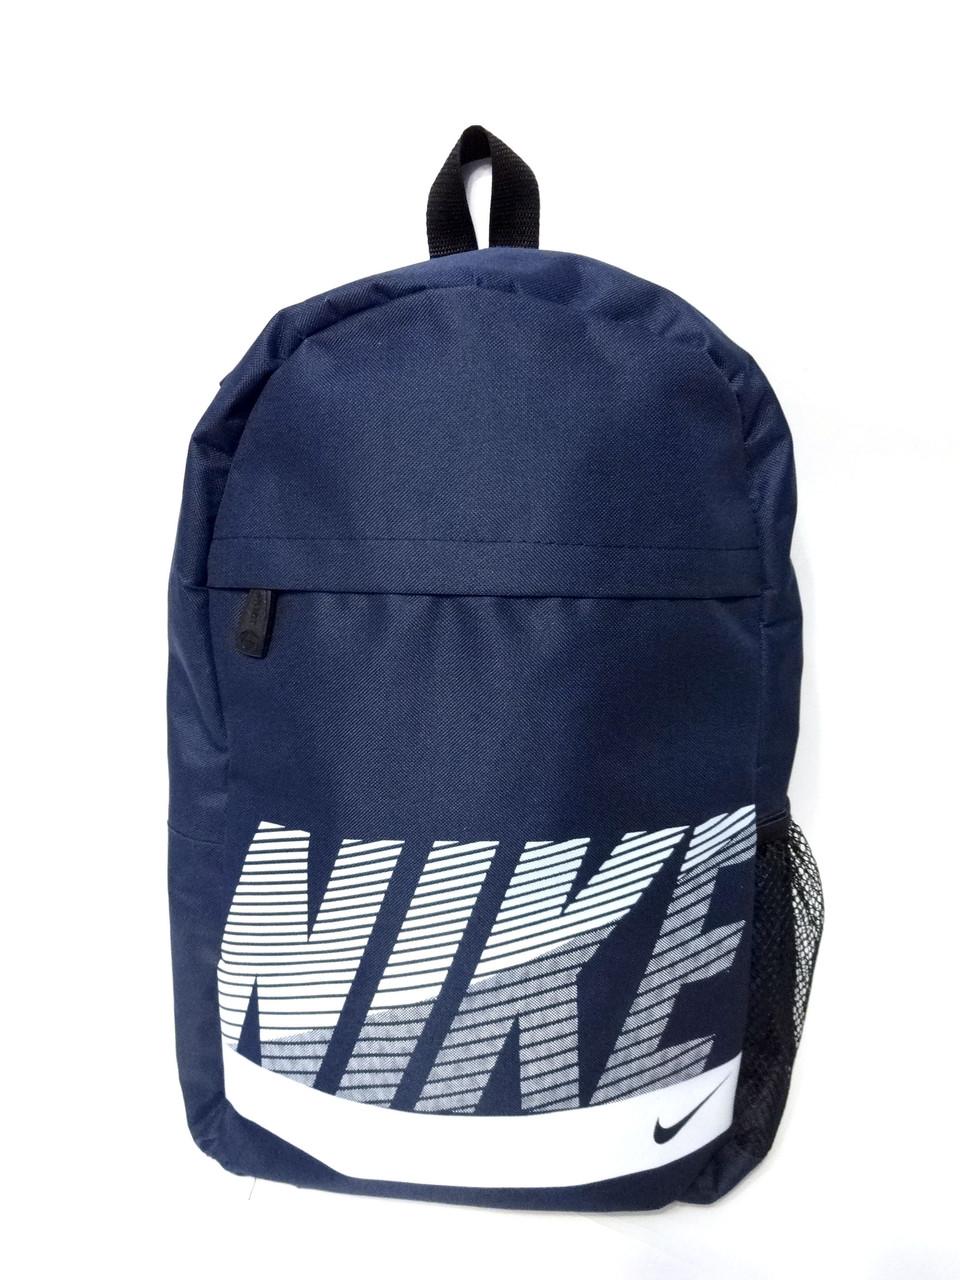 Молодіжний спортивний рюкзак Nike (найк ) з м'якою спинкою синій репліка